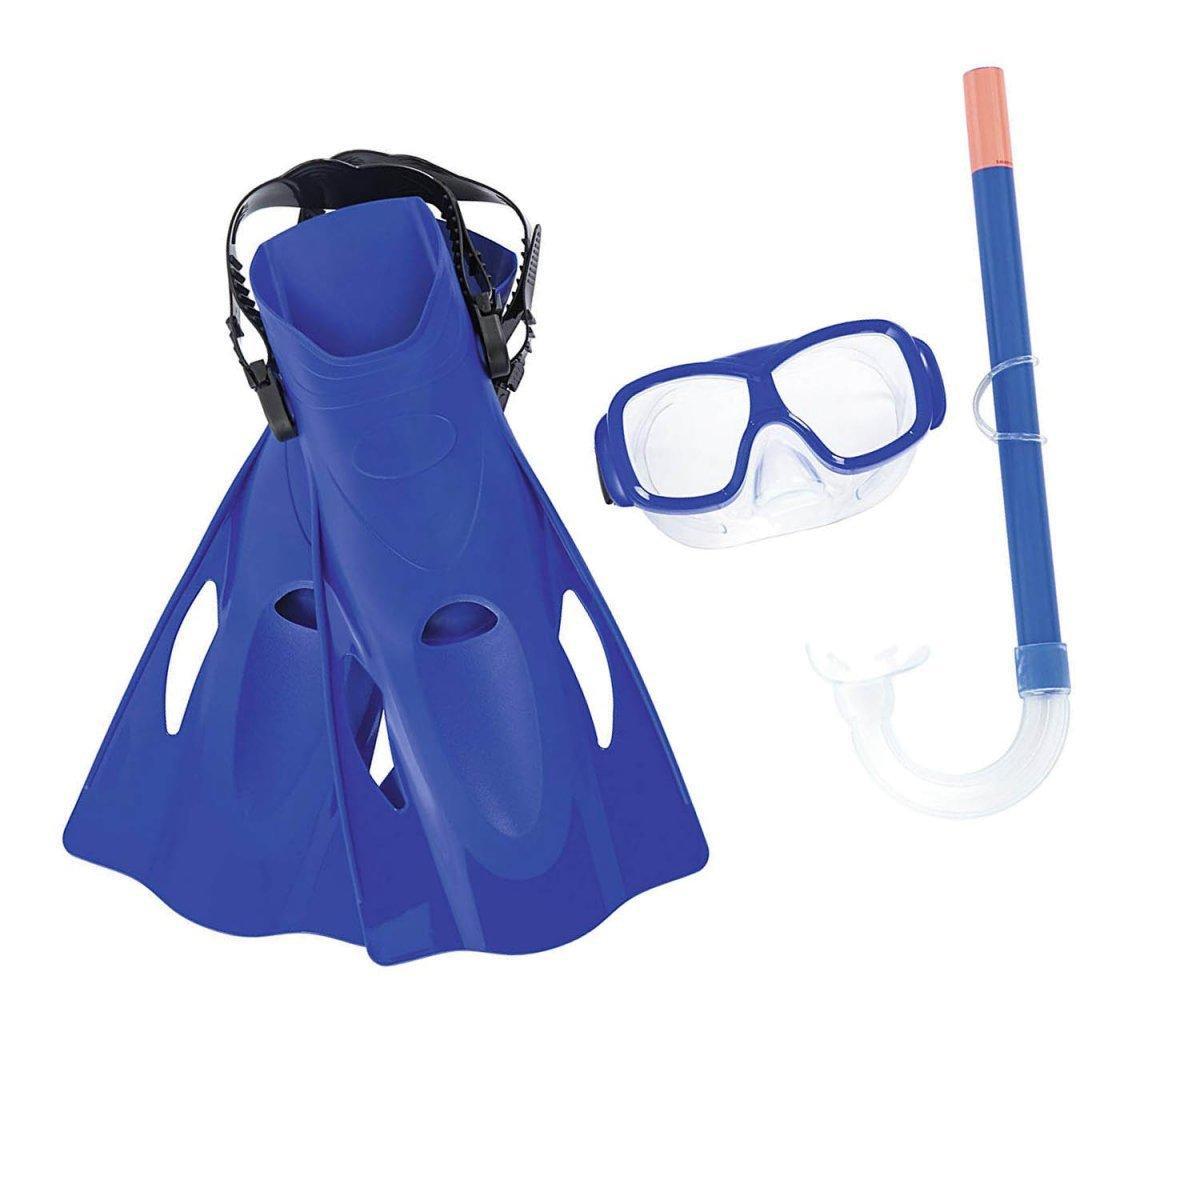 Набор 3 в 1 для плавания Bestway 25019 (маска: размер M, (6+), обхват головы ≈ 52 см, трубка, ласты: размер L, 37 (EU), под стопу ≈ 24 см), синий